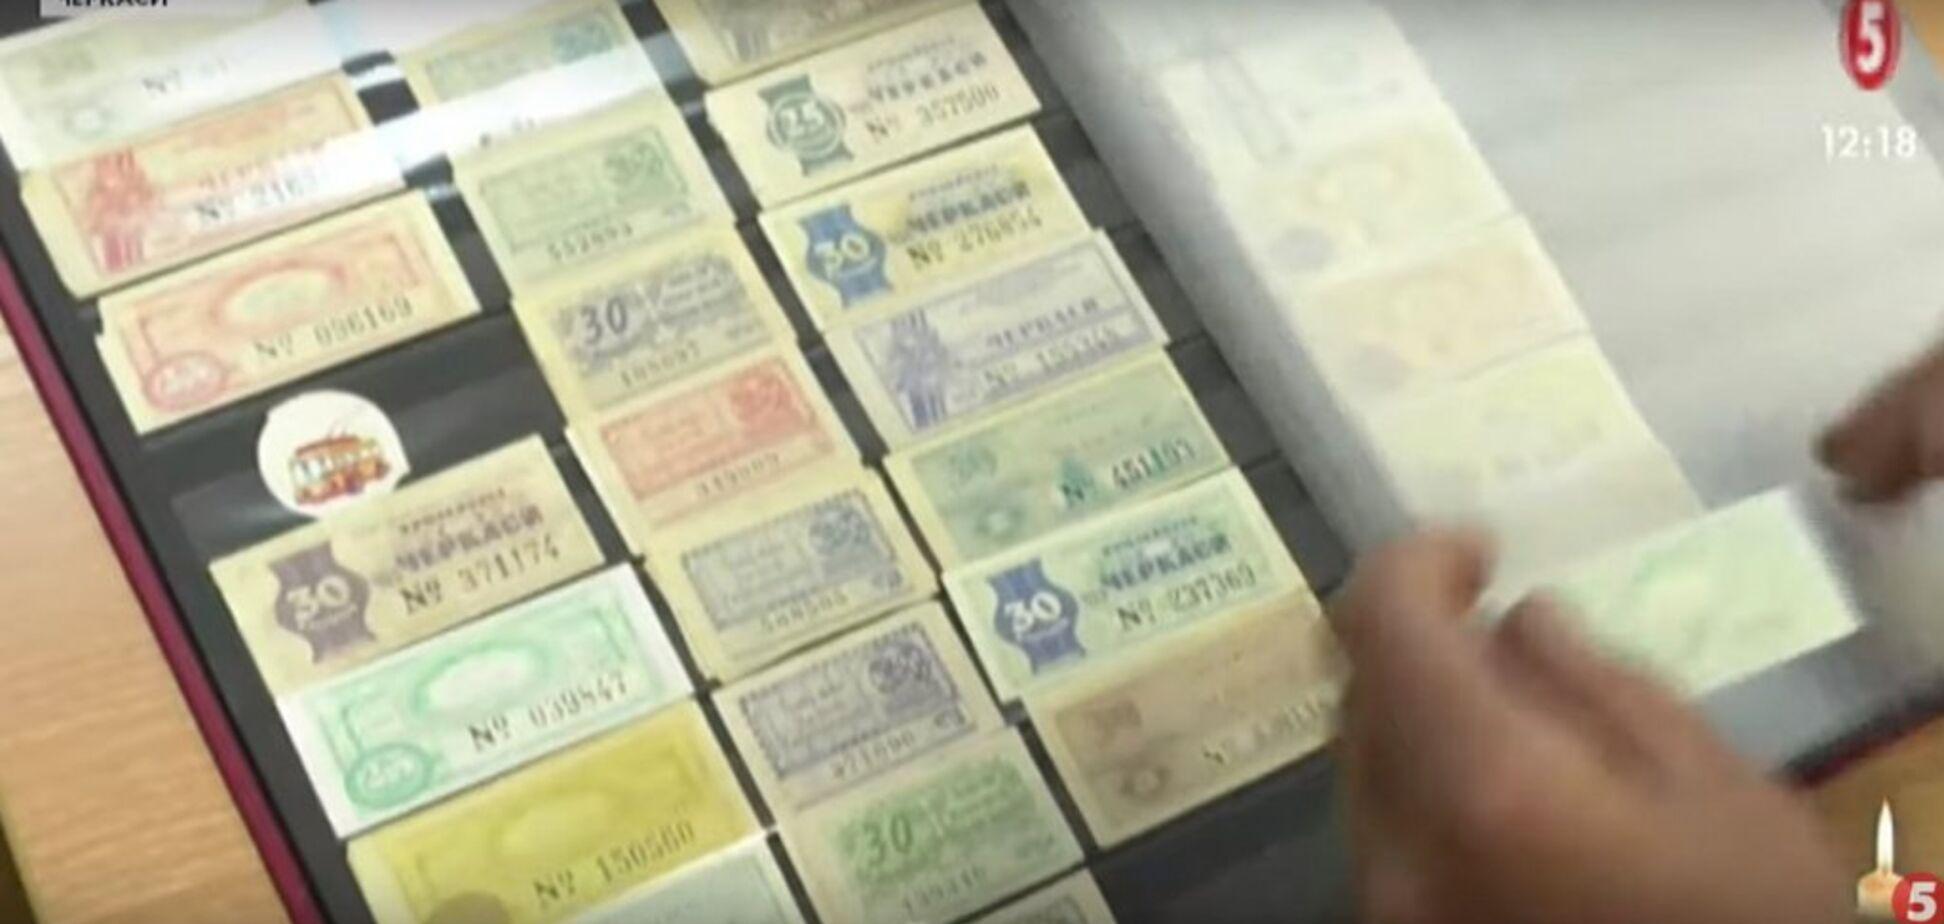 Житель Черкасс собрал уникальную коллекцию троллейбусных билетов (Фото, видео)